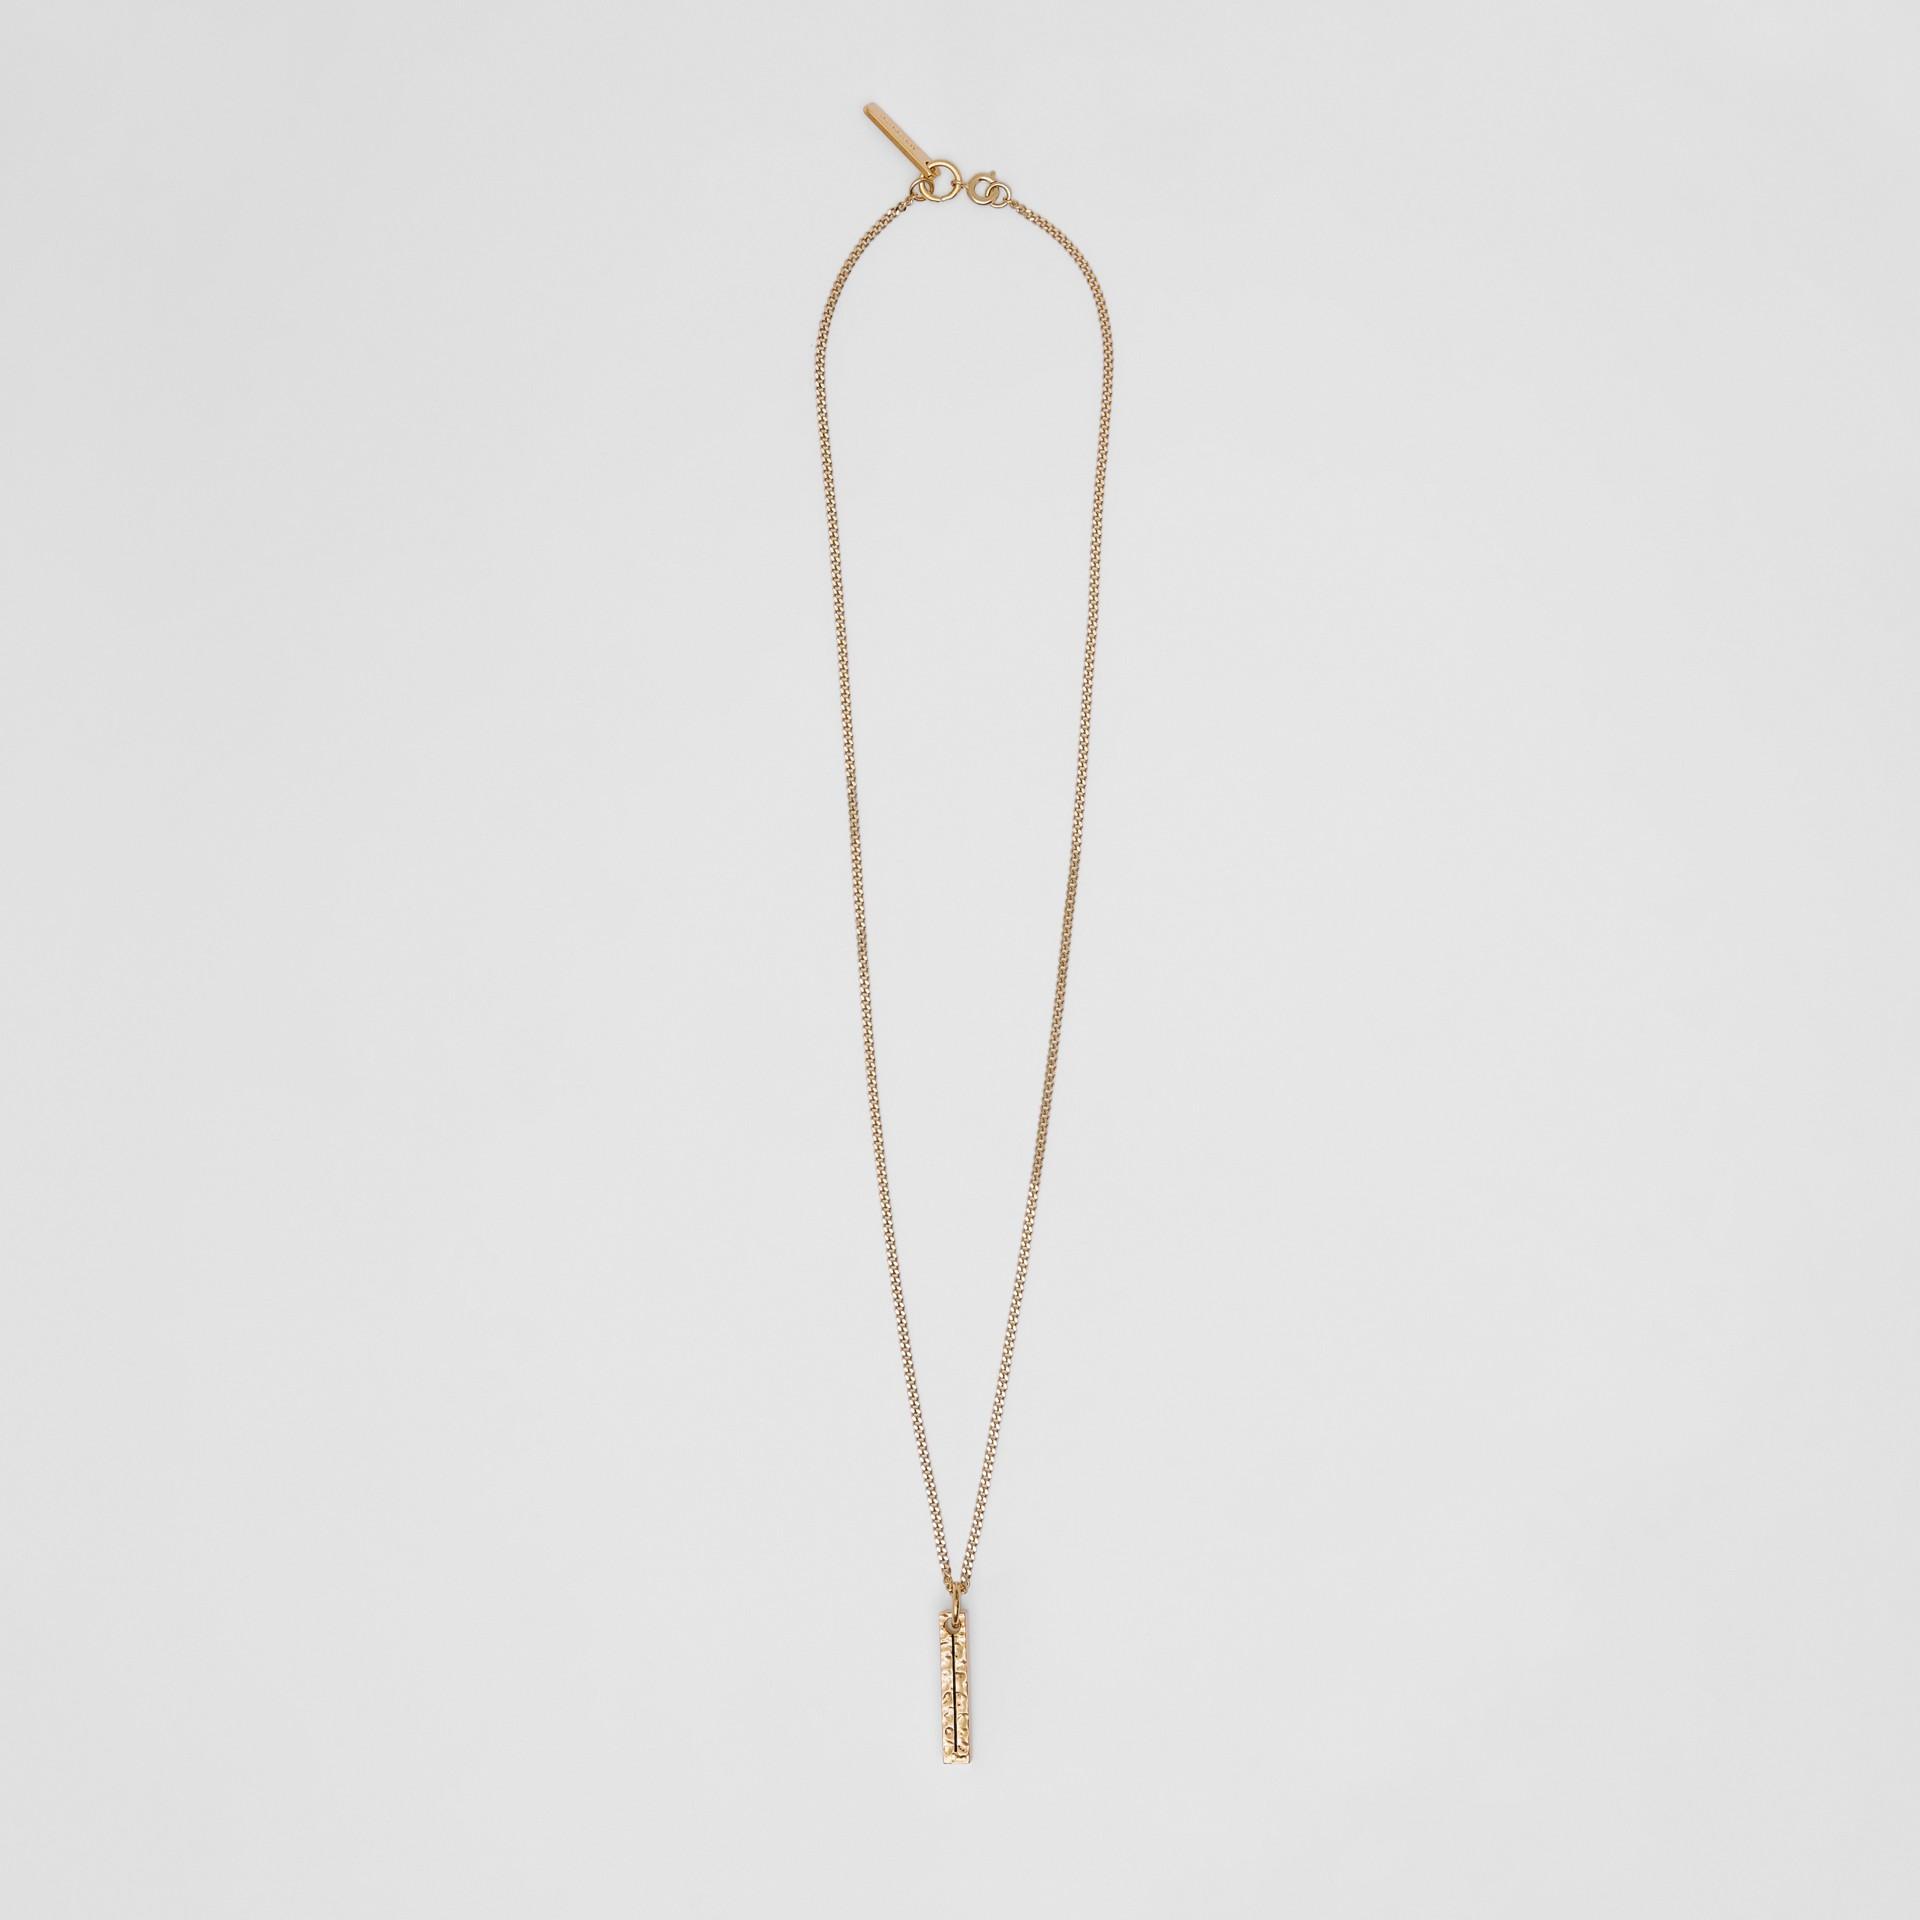 字母「I」吊飾鍍金項鍊 (淺金色) - 女款 | Burberry - 圖庫照片 0